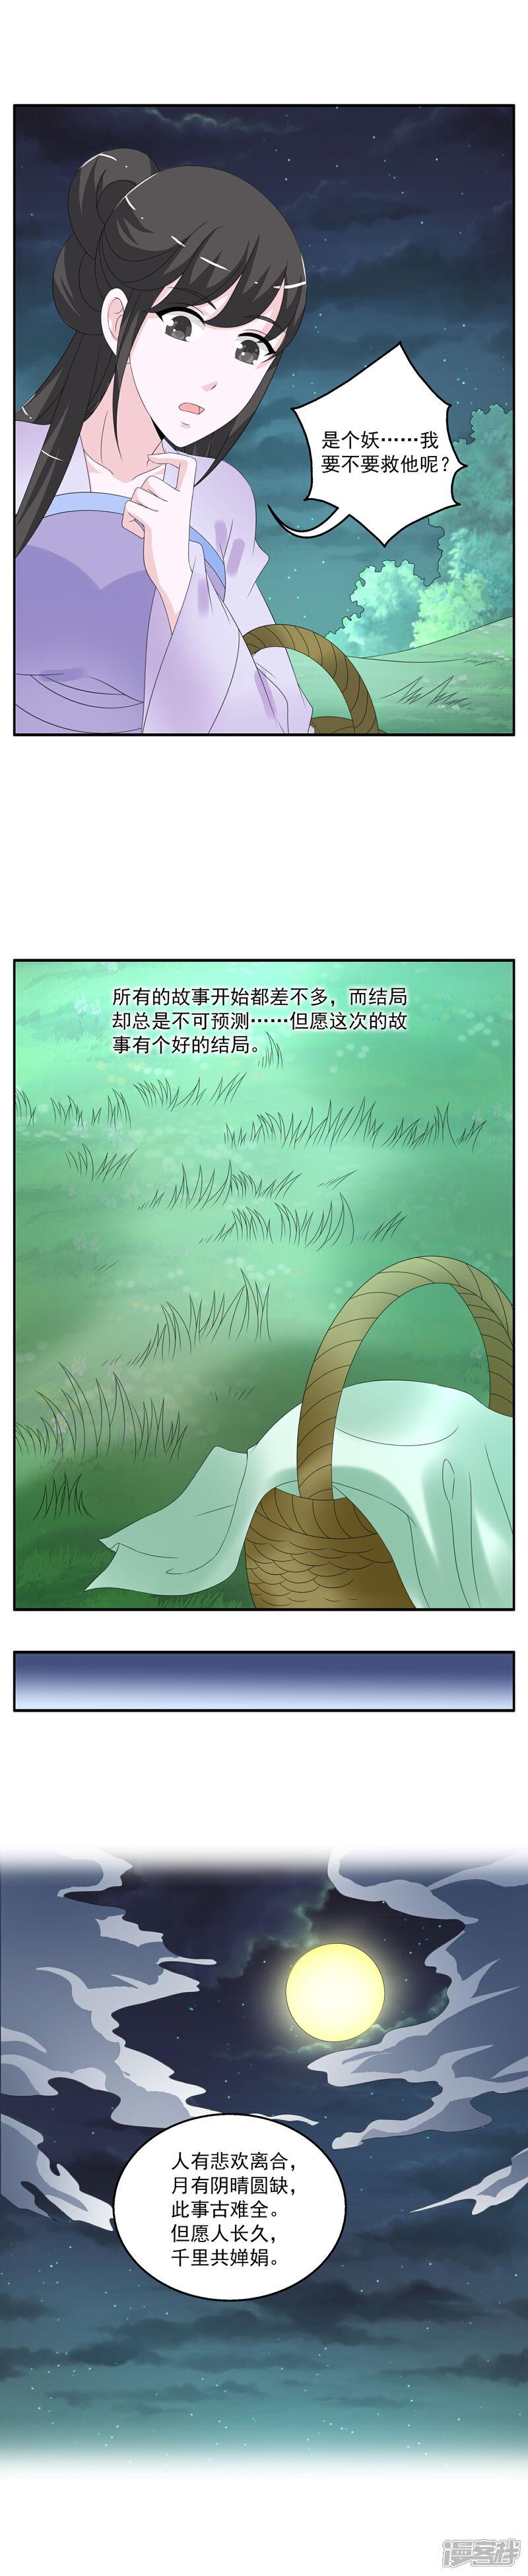 洛小妖161 (5).JPG